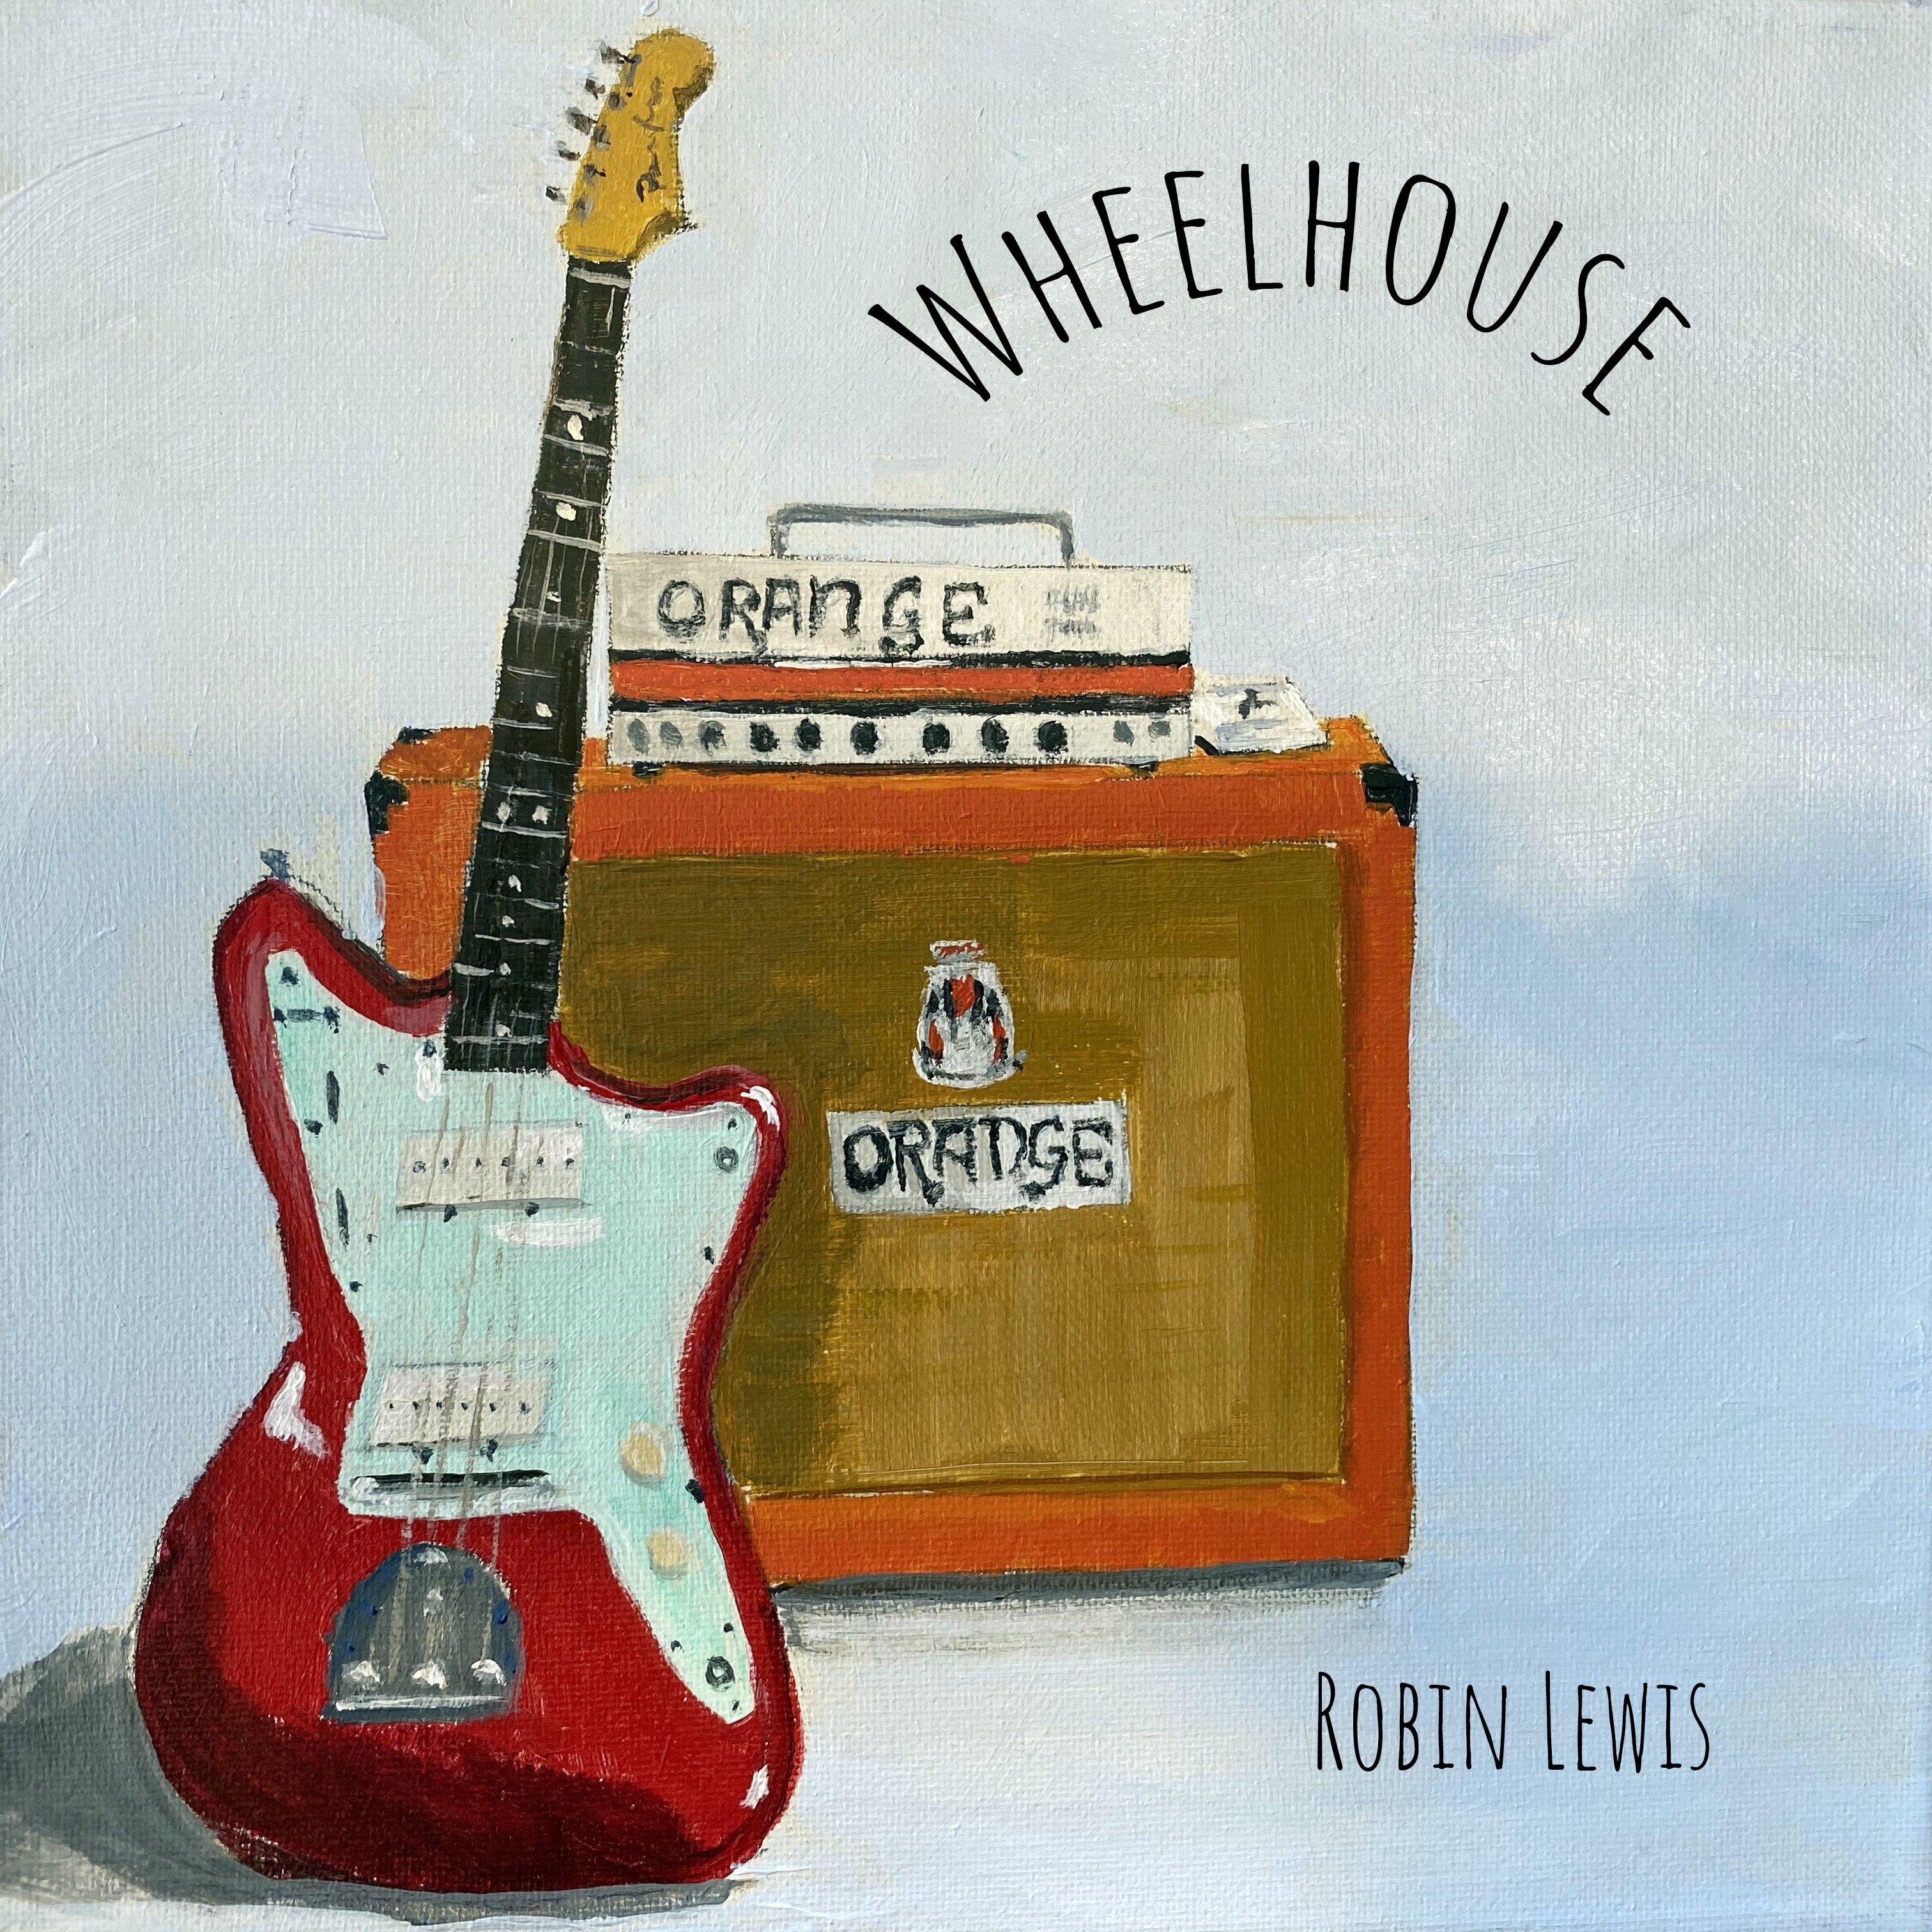 Wheelhouse Cover